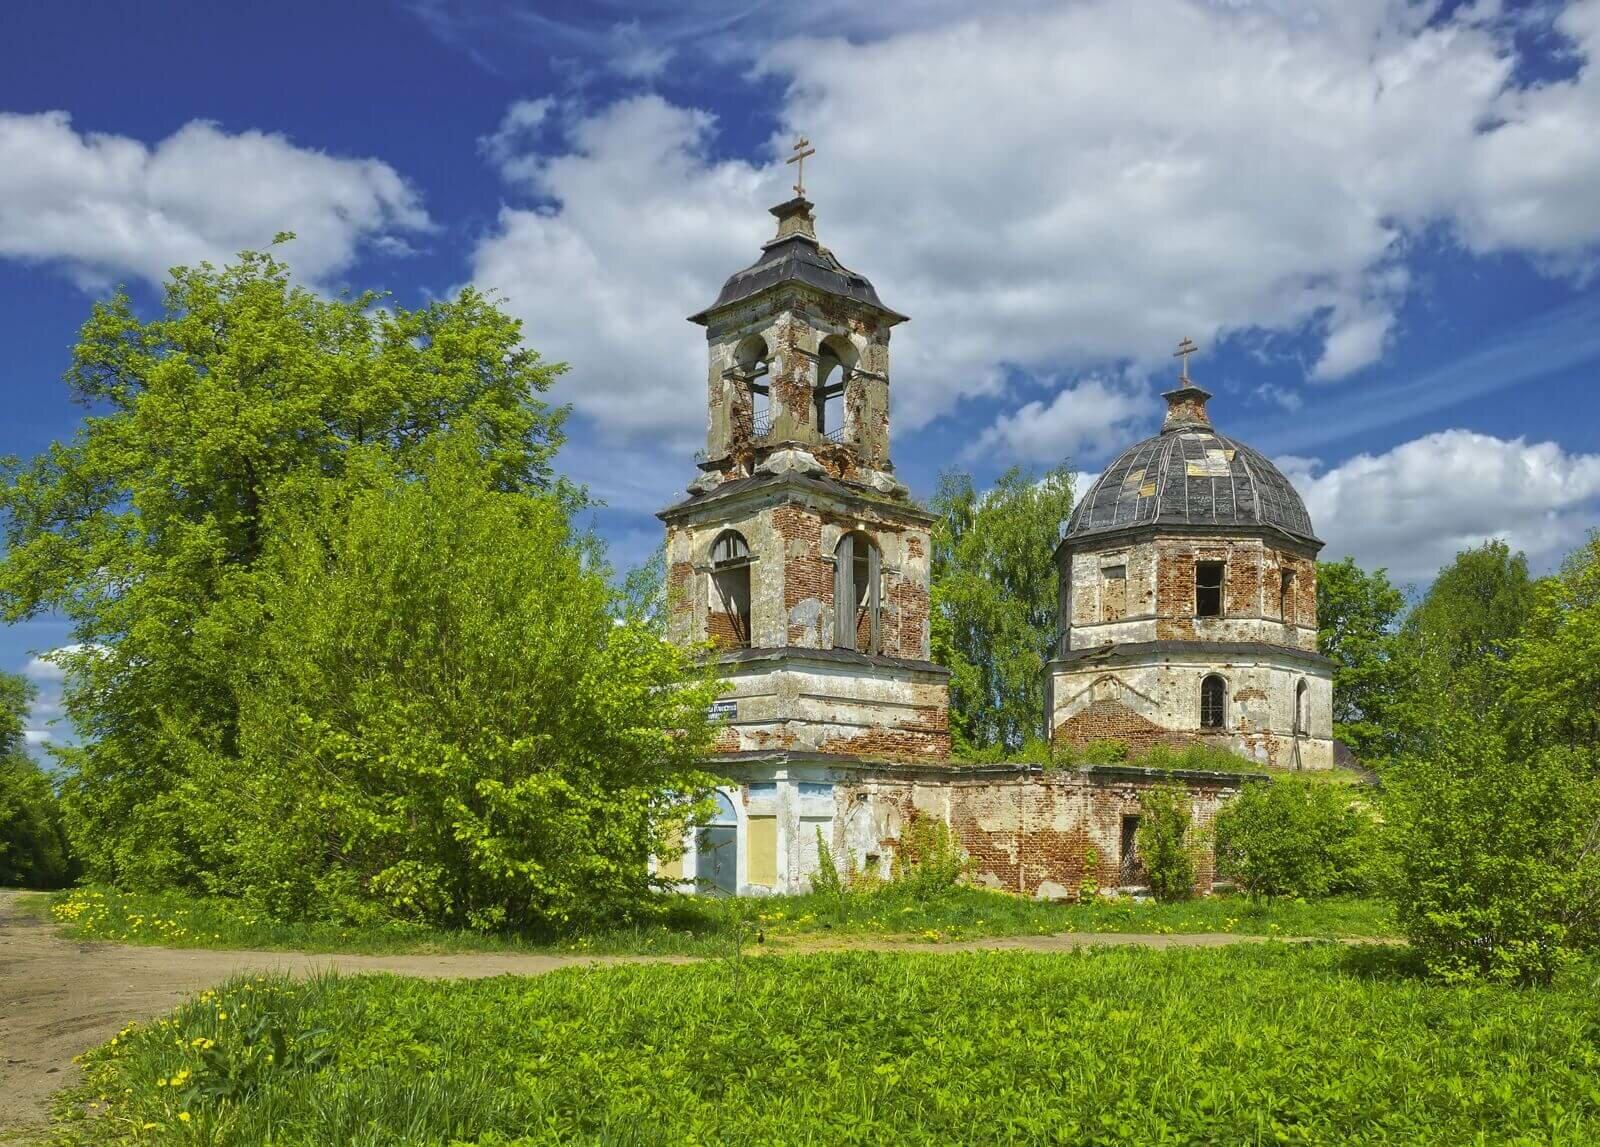 Заброшенная Церковь Покрова Пресвятой Богородицы Питер фото